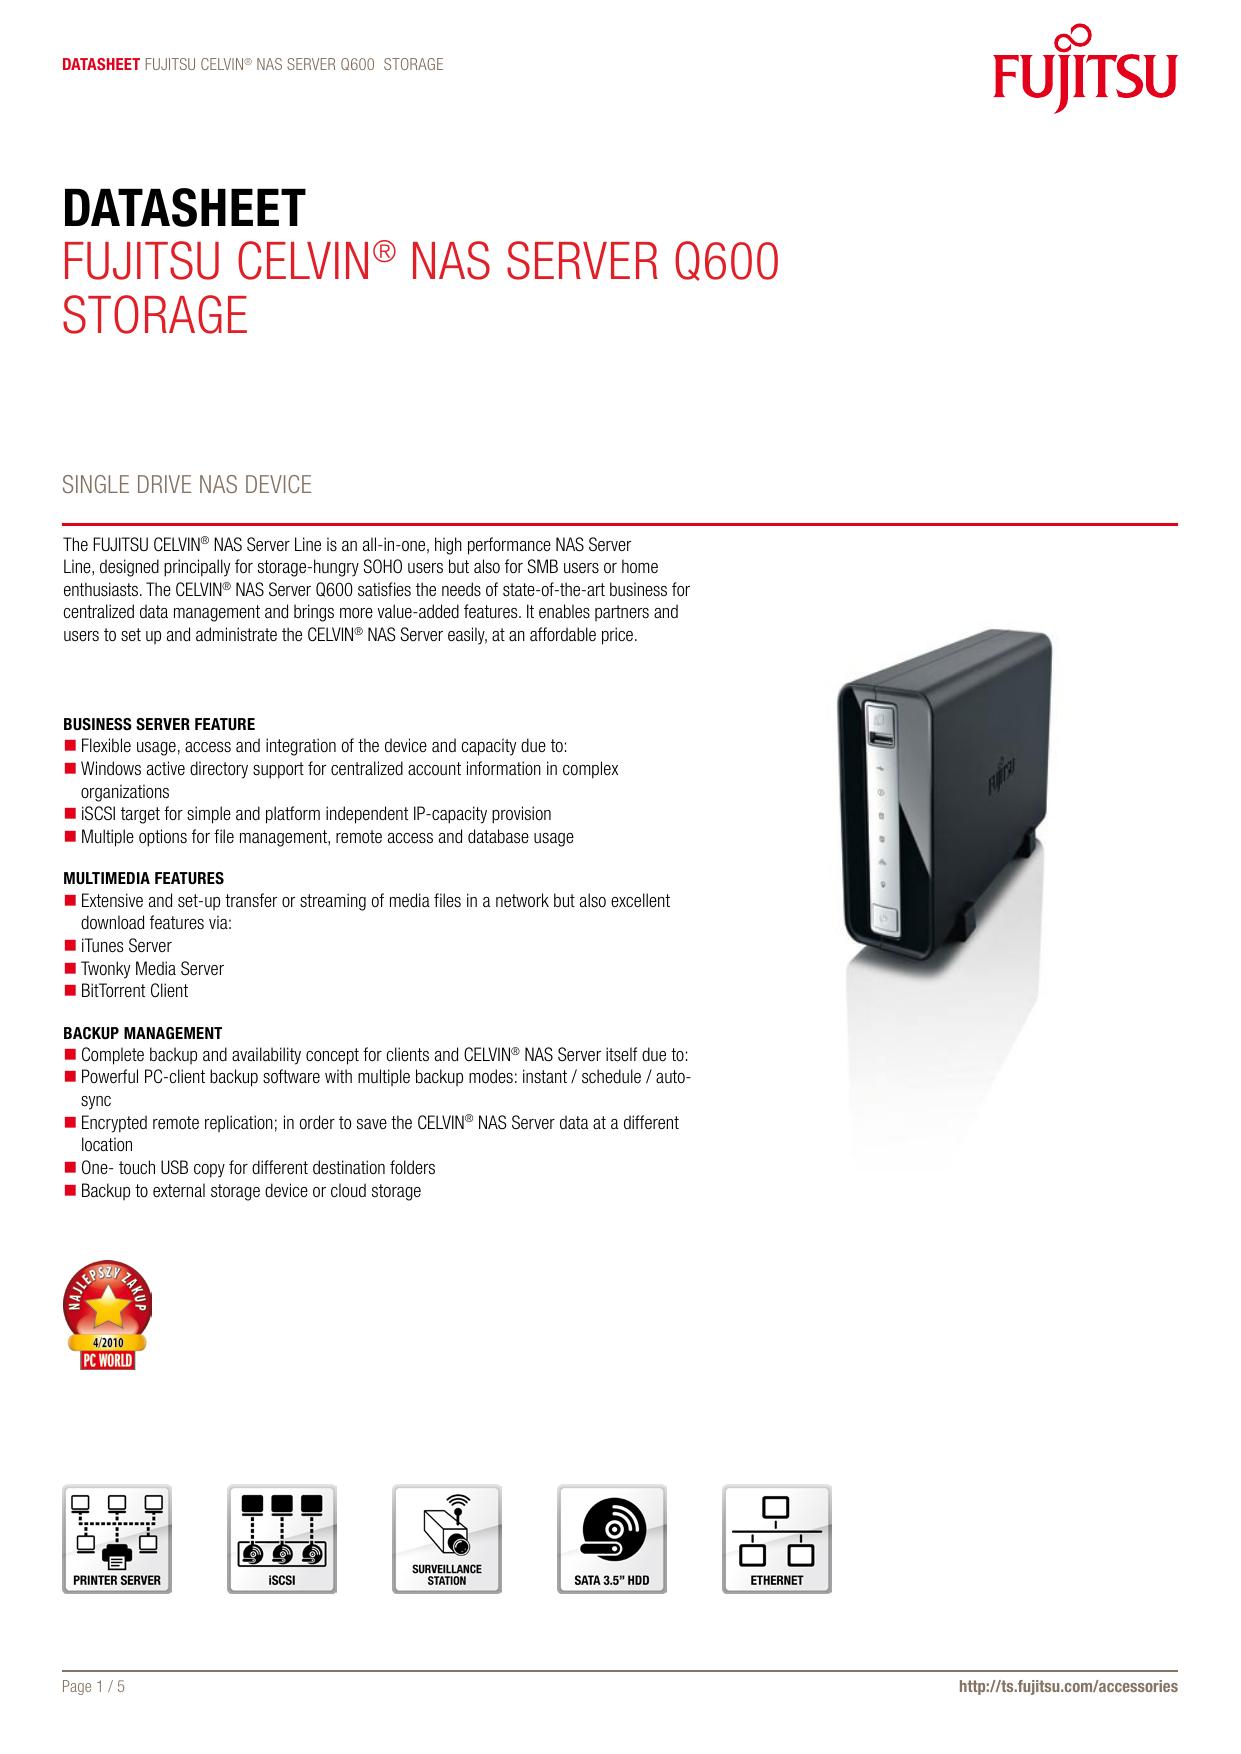 Datasheet Fujitsu CELViN® NAs sErVEr Q600 storAgE | manualzz com